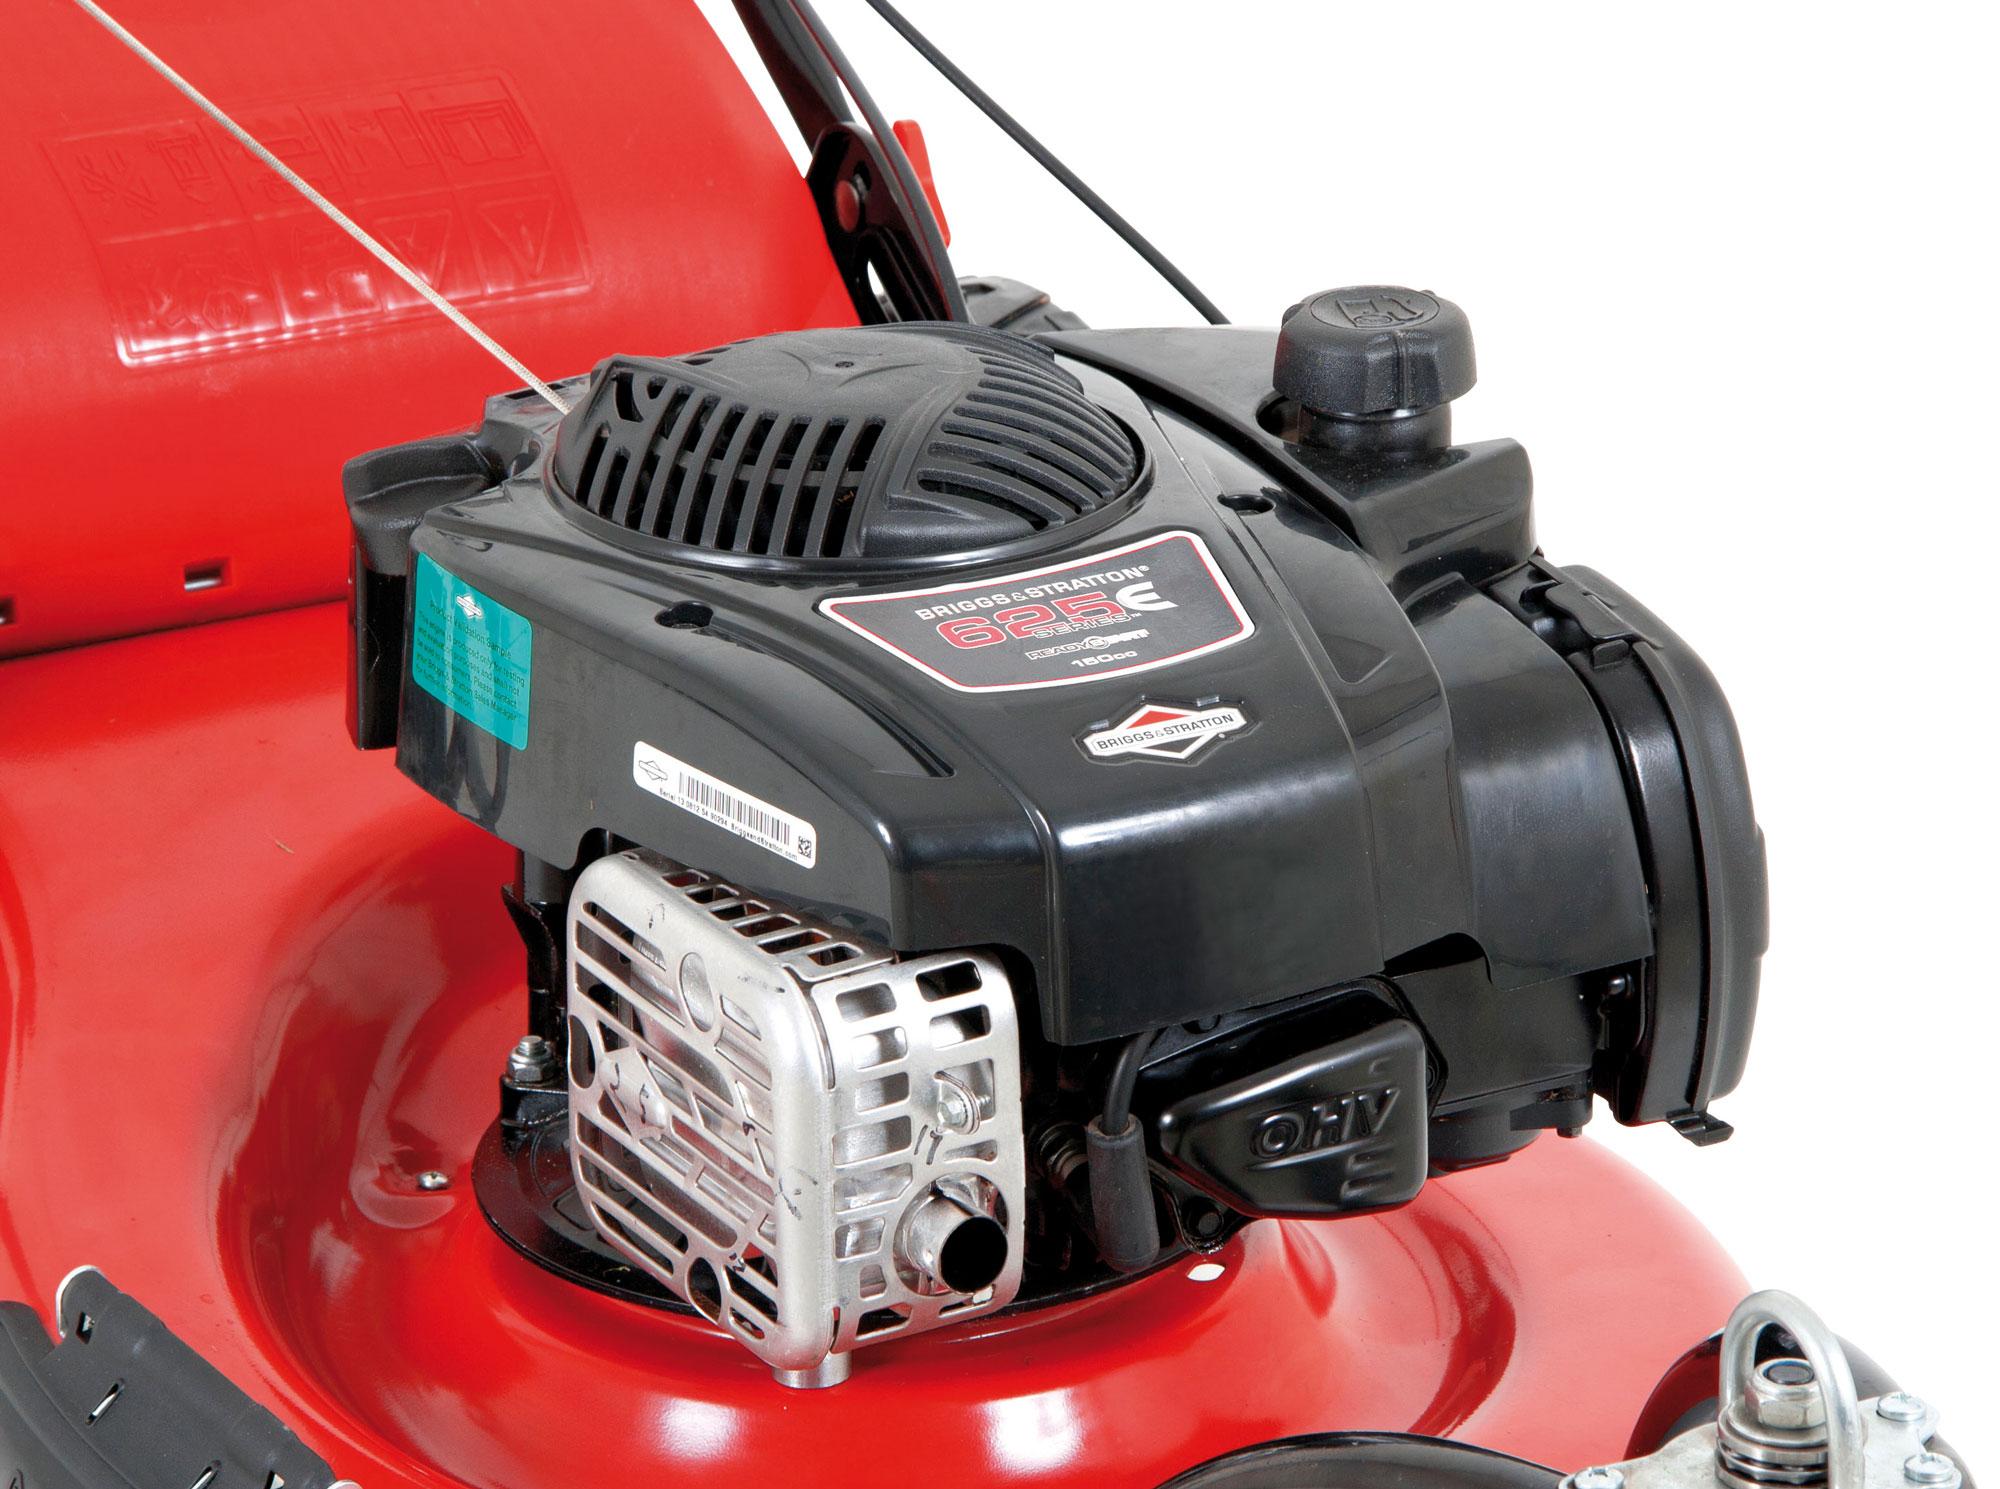 Benzin Rasenmäher Grizzly BRM 51 150 BSAT Trike B&S Motor 2,3kW 51cm Bild 3